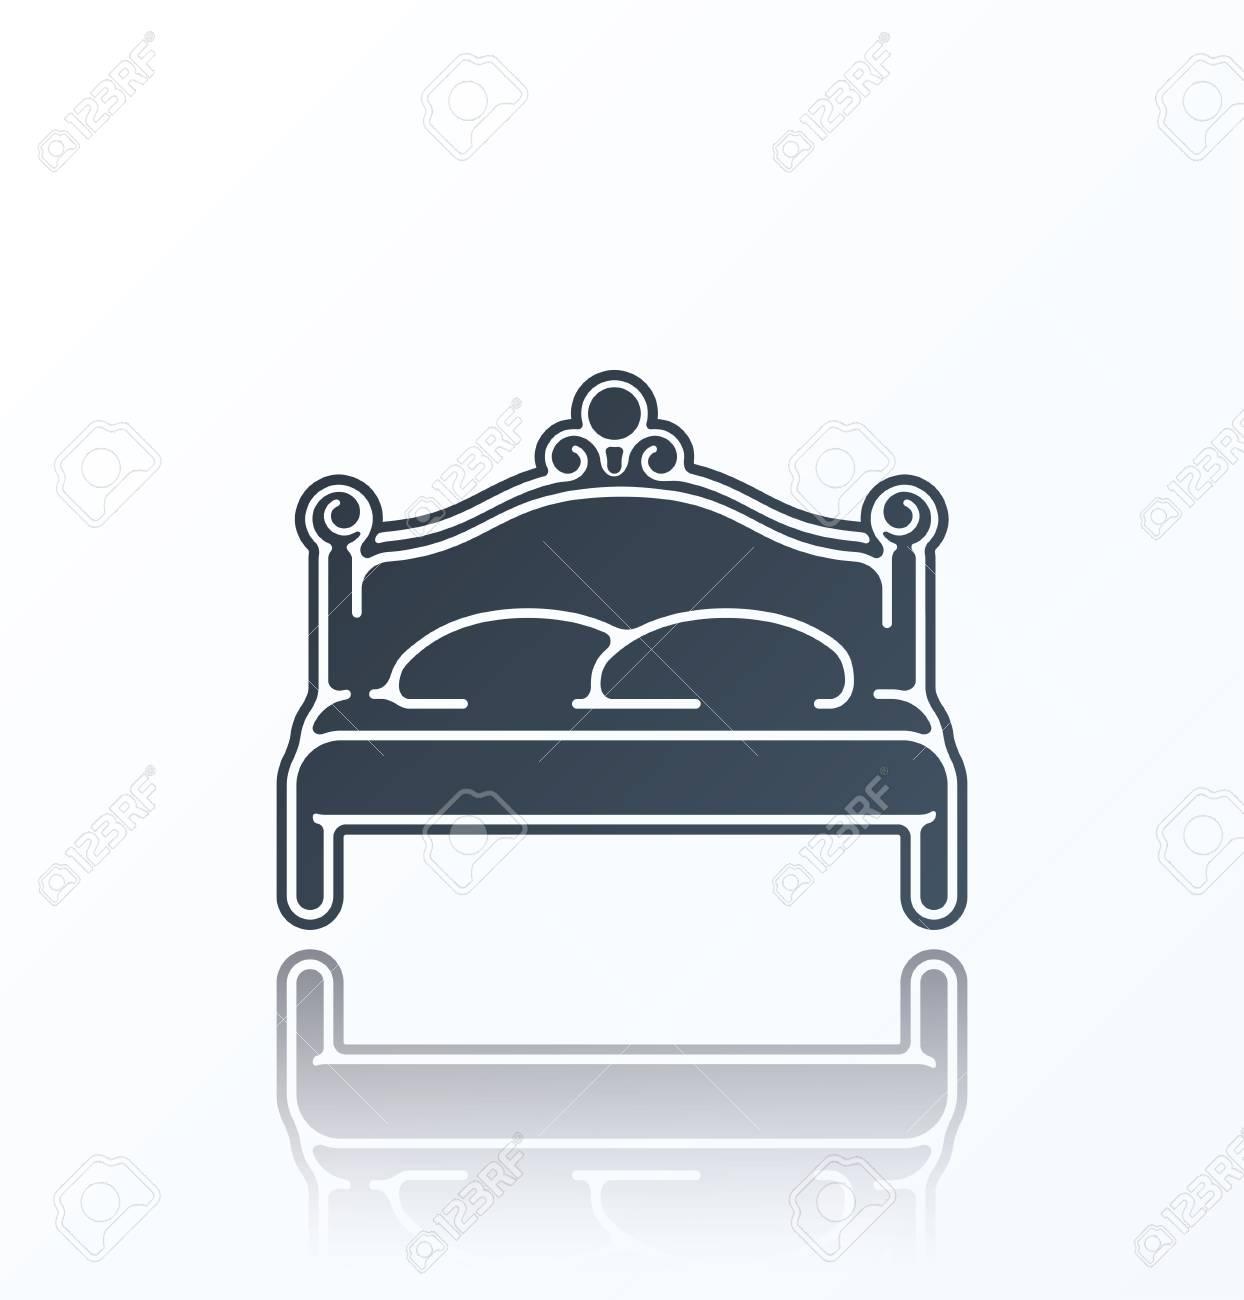 Bett Icon Auf Weissem Hintergrund Lizenzfrei Nutzbare Vektorgrafiken